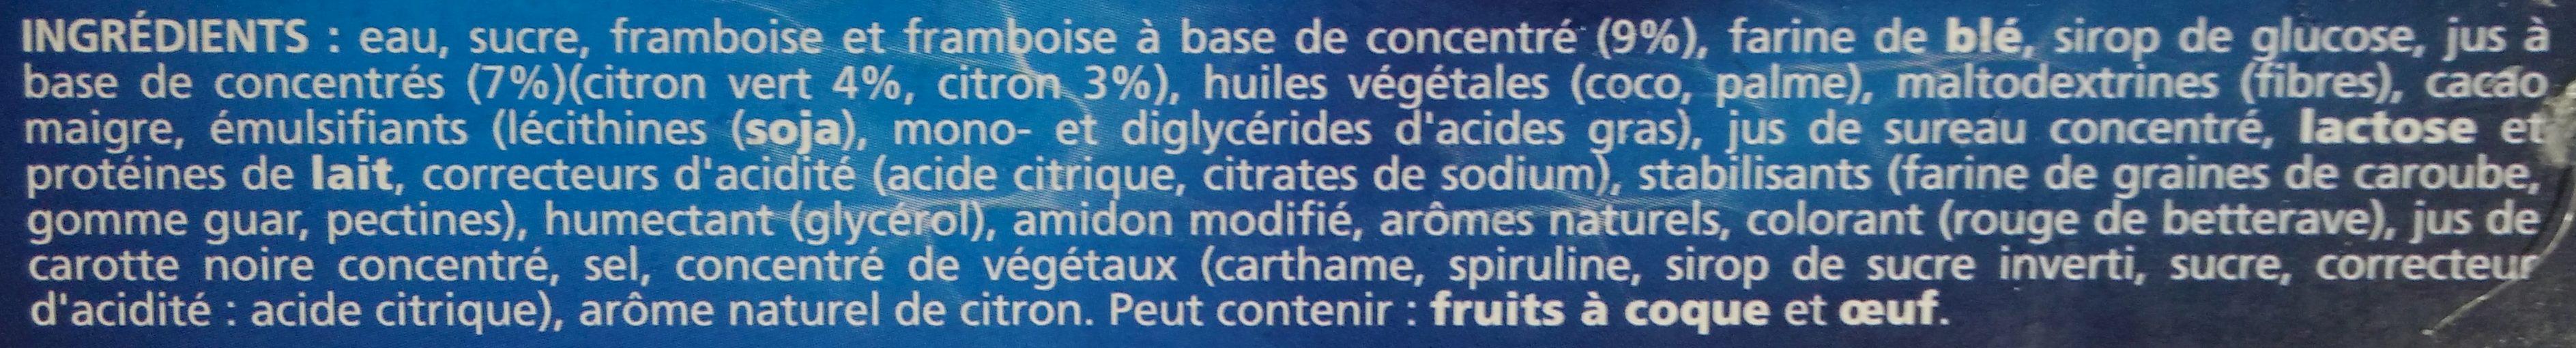 Sorbets Citrons Framboises - Ingredients - fr